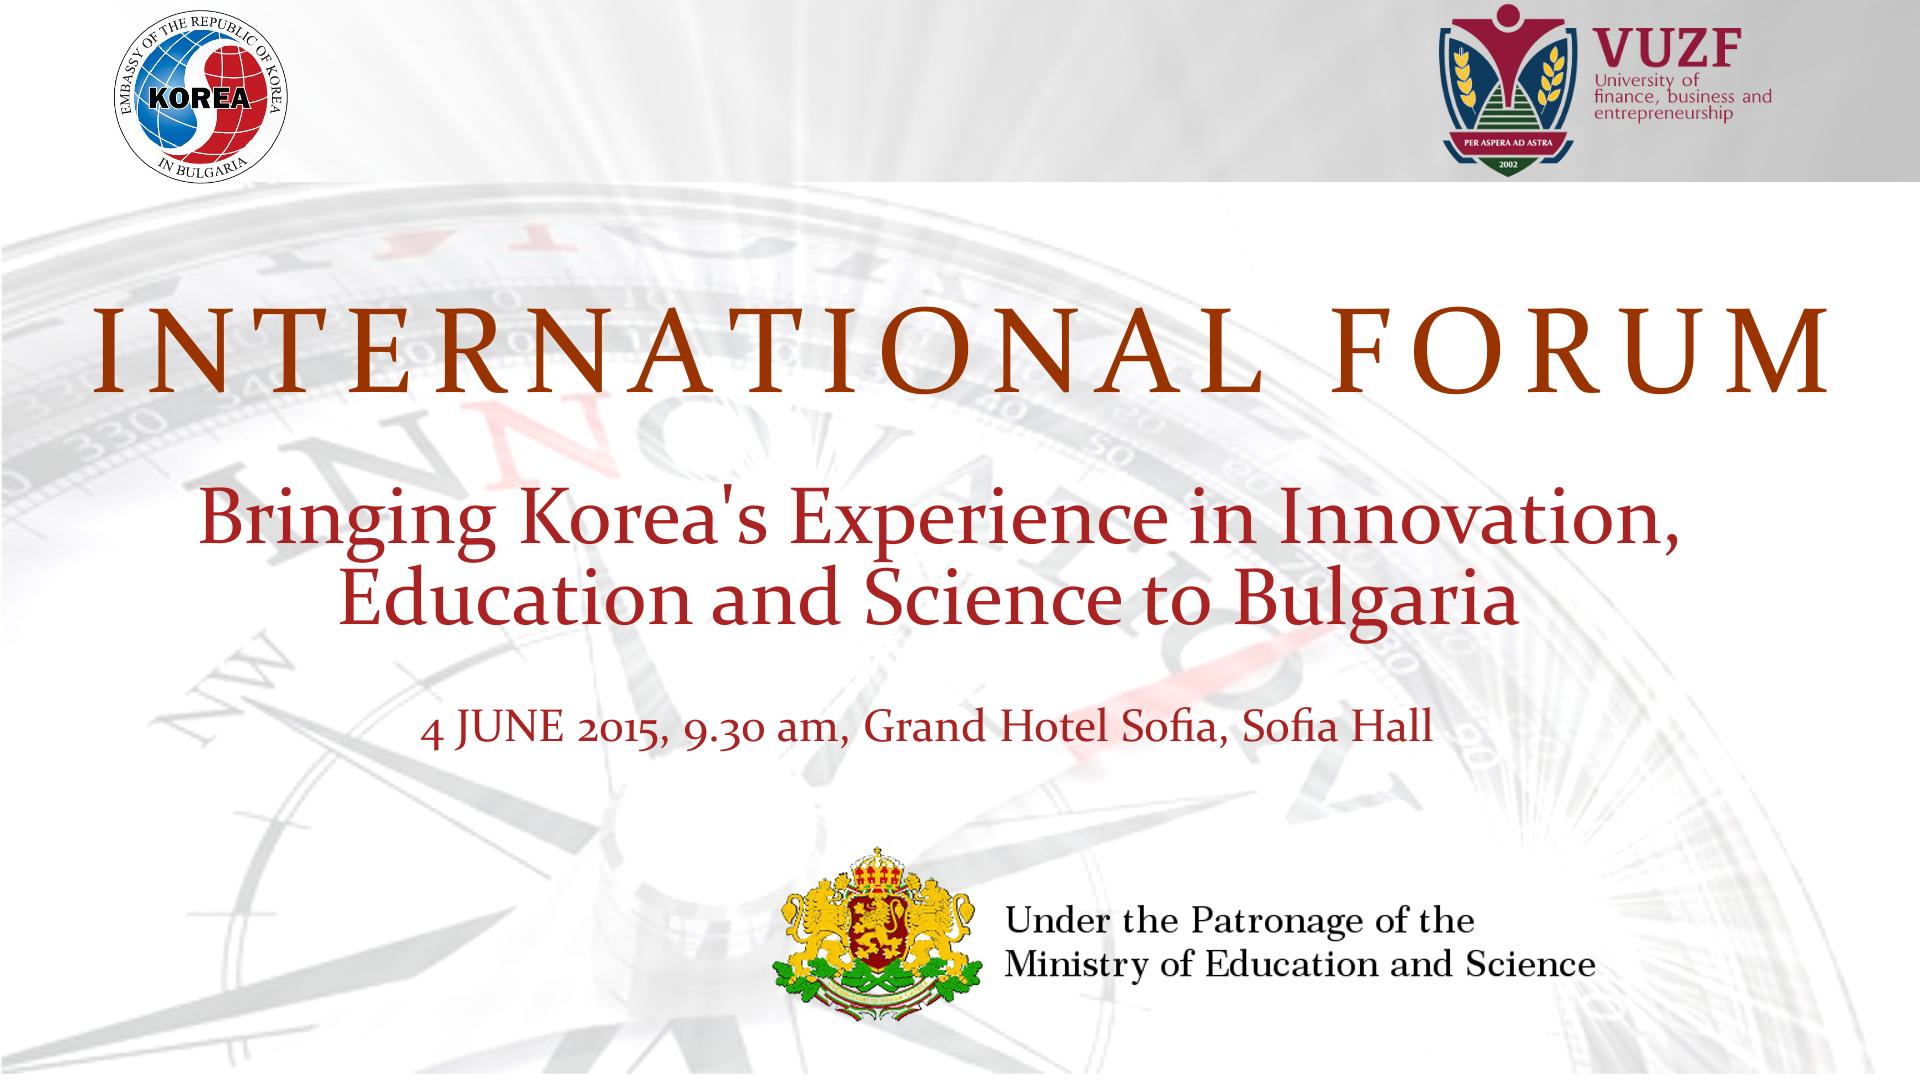 България се учи от корейския опит в областа на иновациите, образованието  и науката